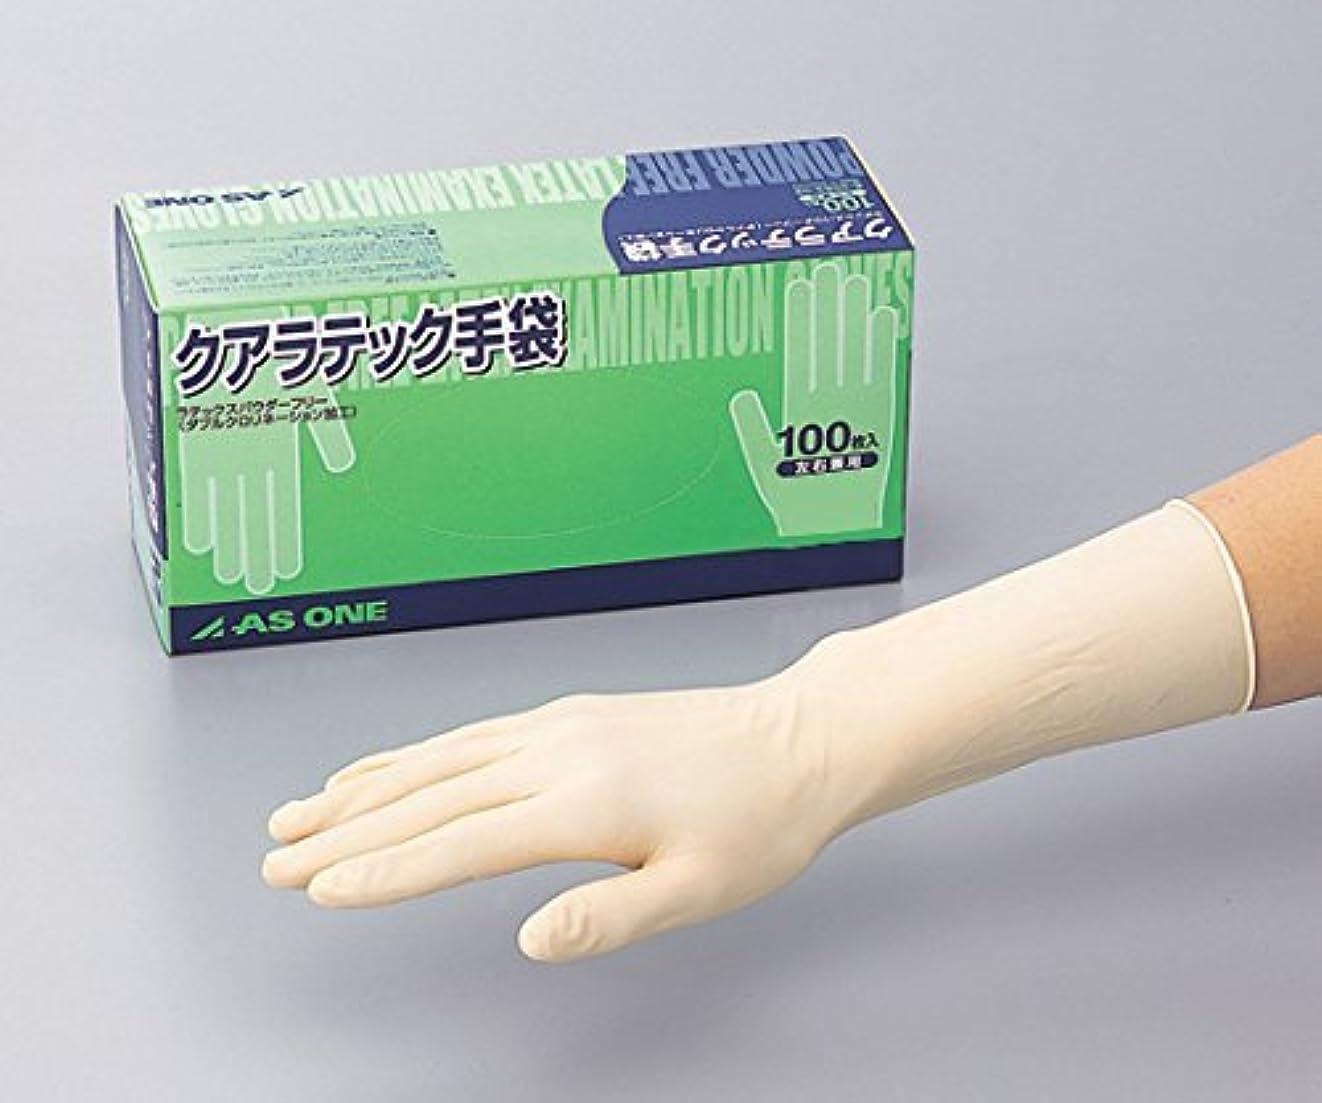 階層シンプルさ光沢のあるアズワン8-4053-01クアラテック手袋(DXパウダーフリー)L1箱(100枚入)